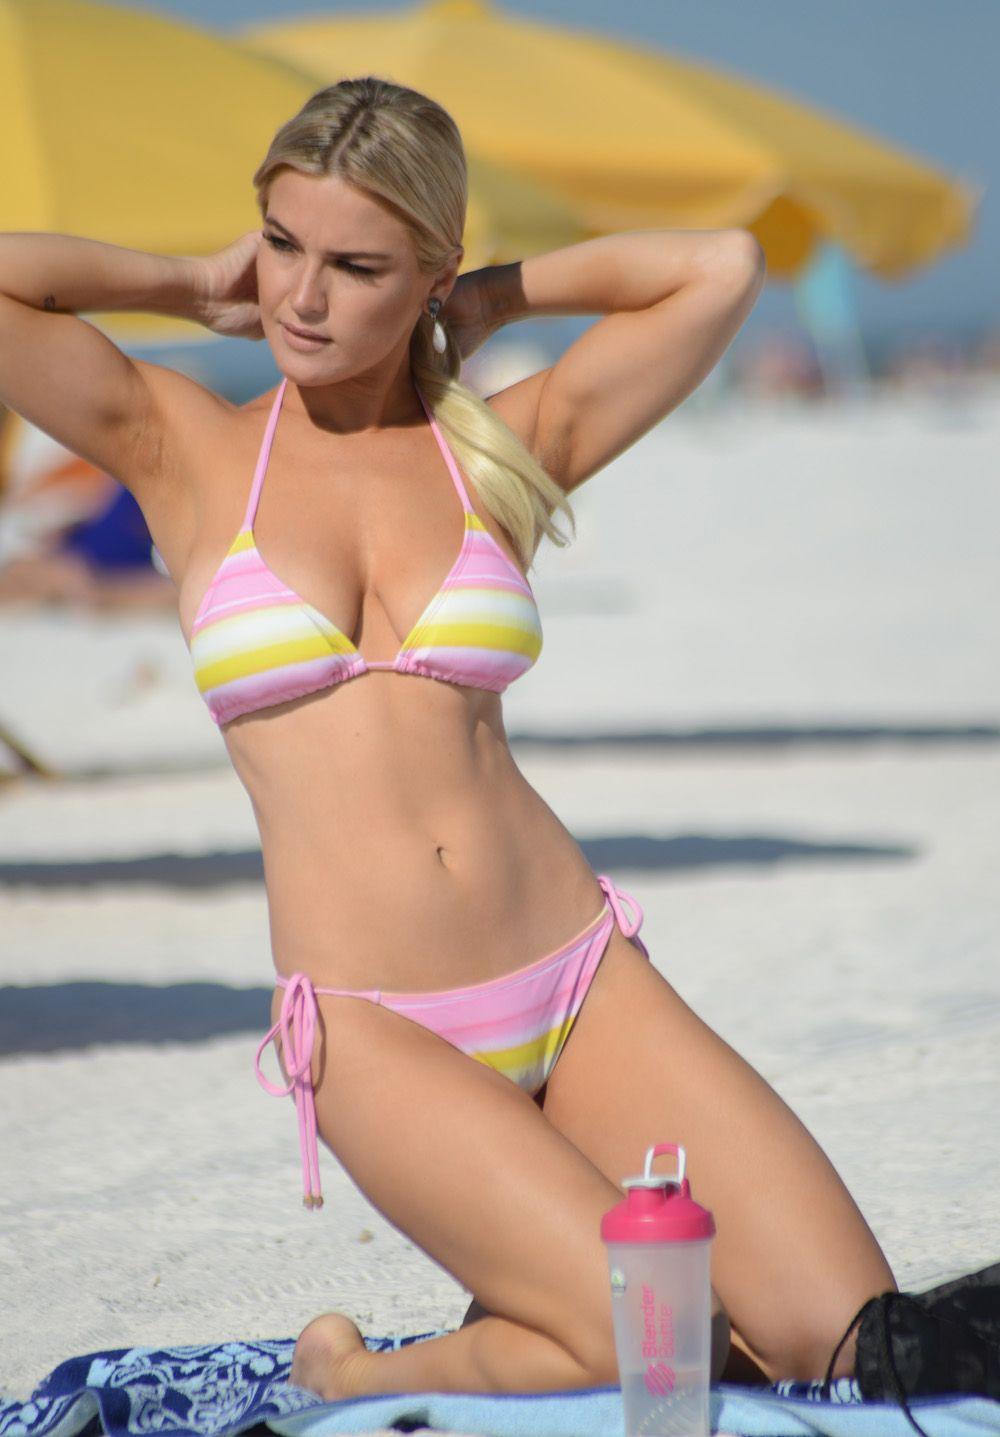 Selfie Panties Elizabeth Hubbard  nude (74 pictures), Snapchat, see through